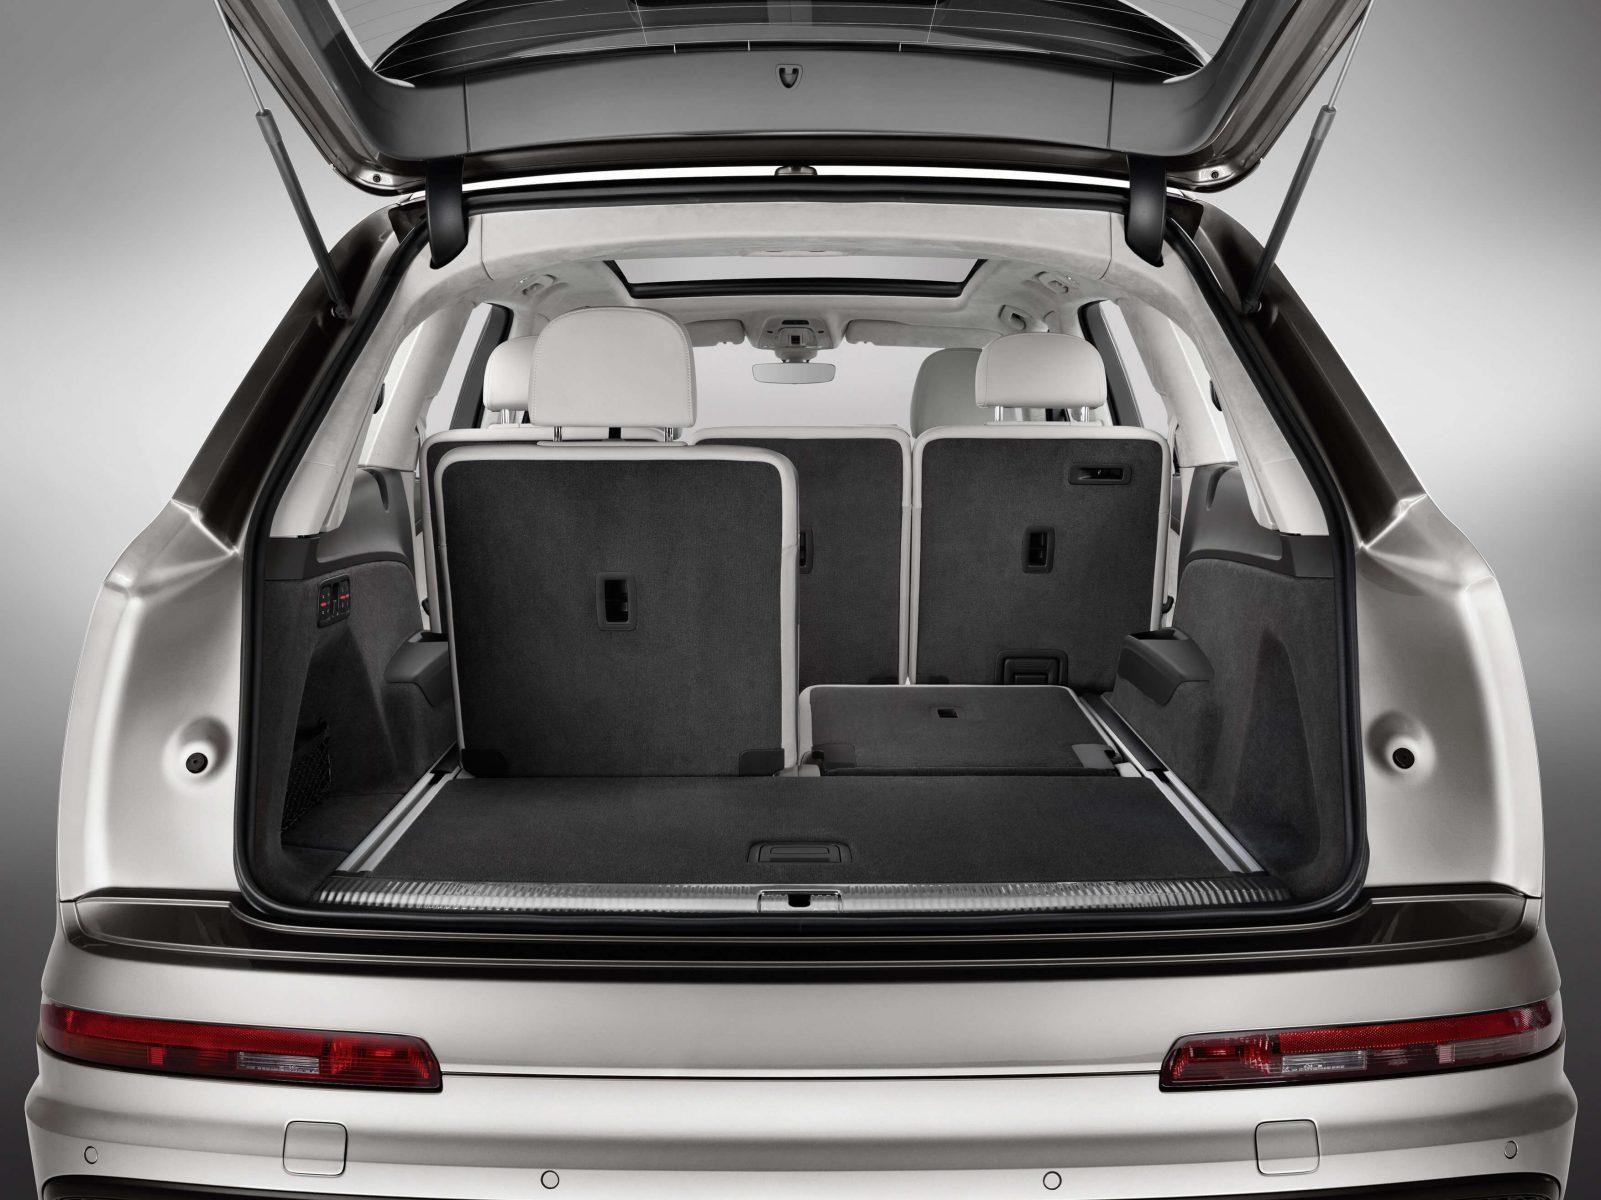 Audi Q7: Carros de 7 lugares à venda no Brasil: listamos todas as opções do nosso mercado, com preços, fichas técnicas e breve análise de cada um dos modelos.